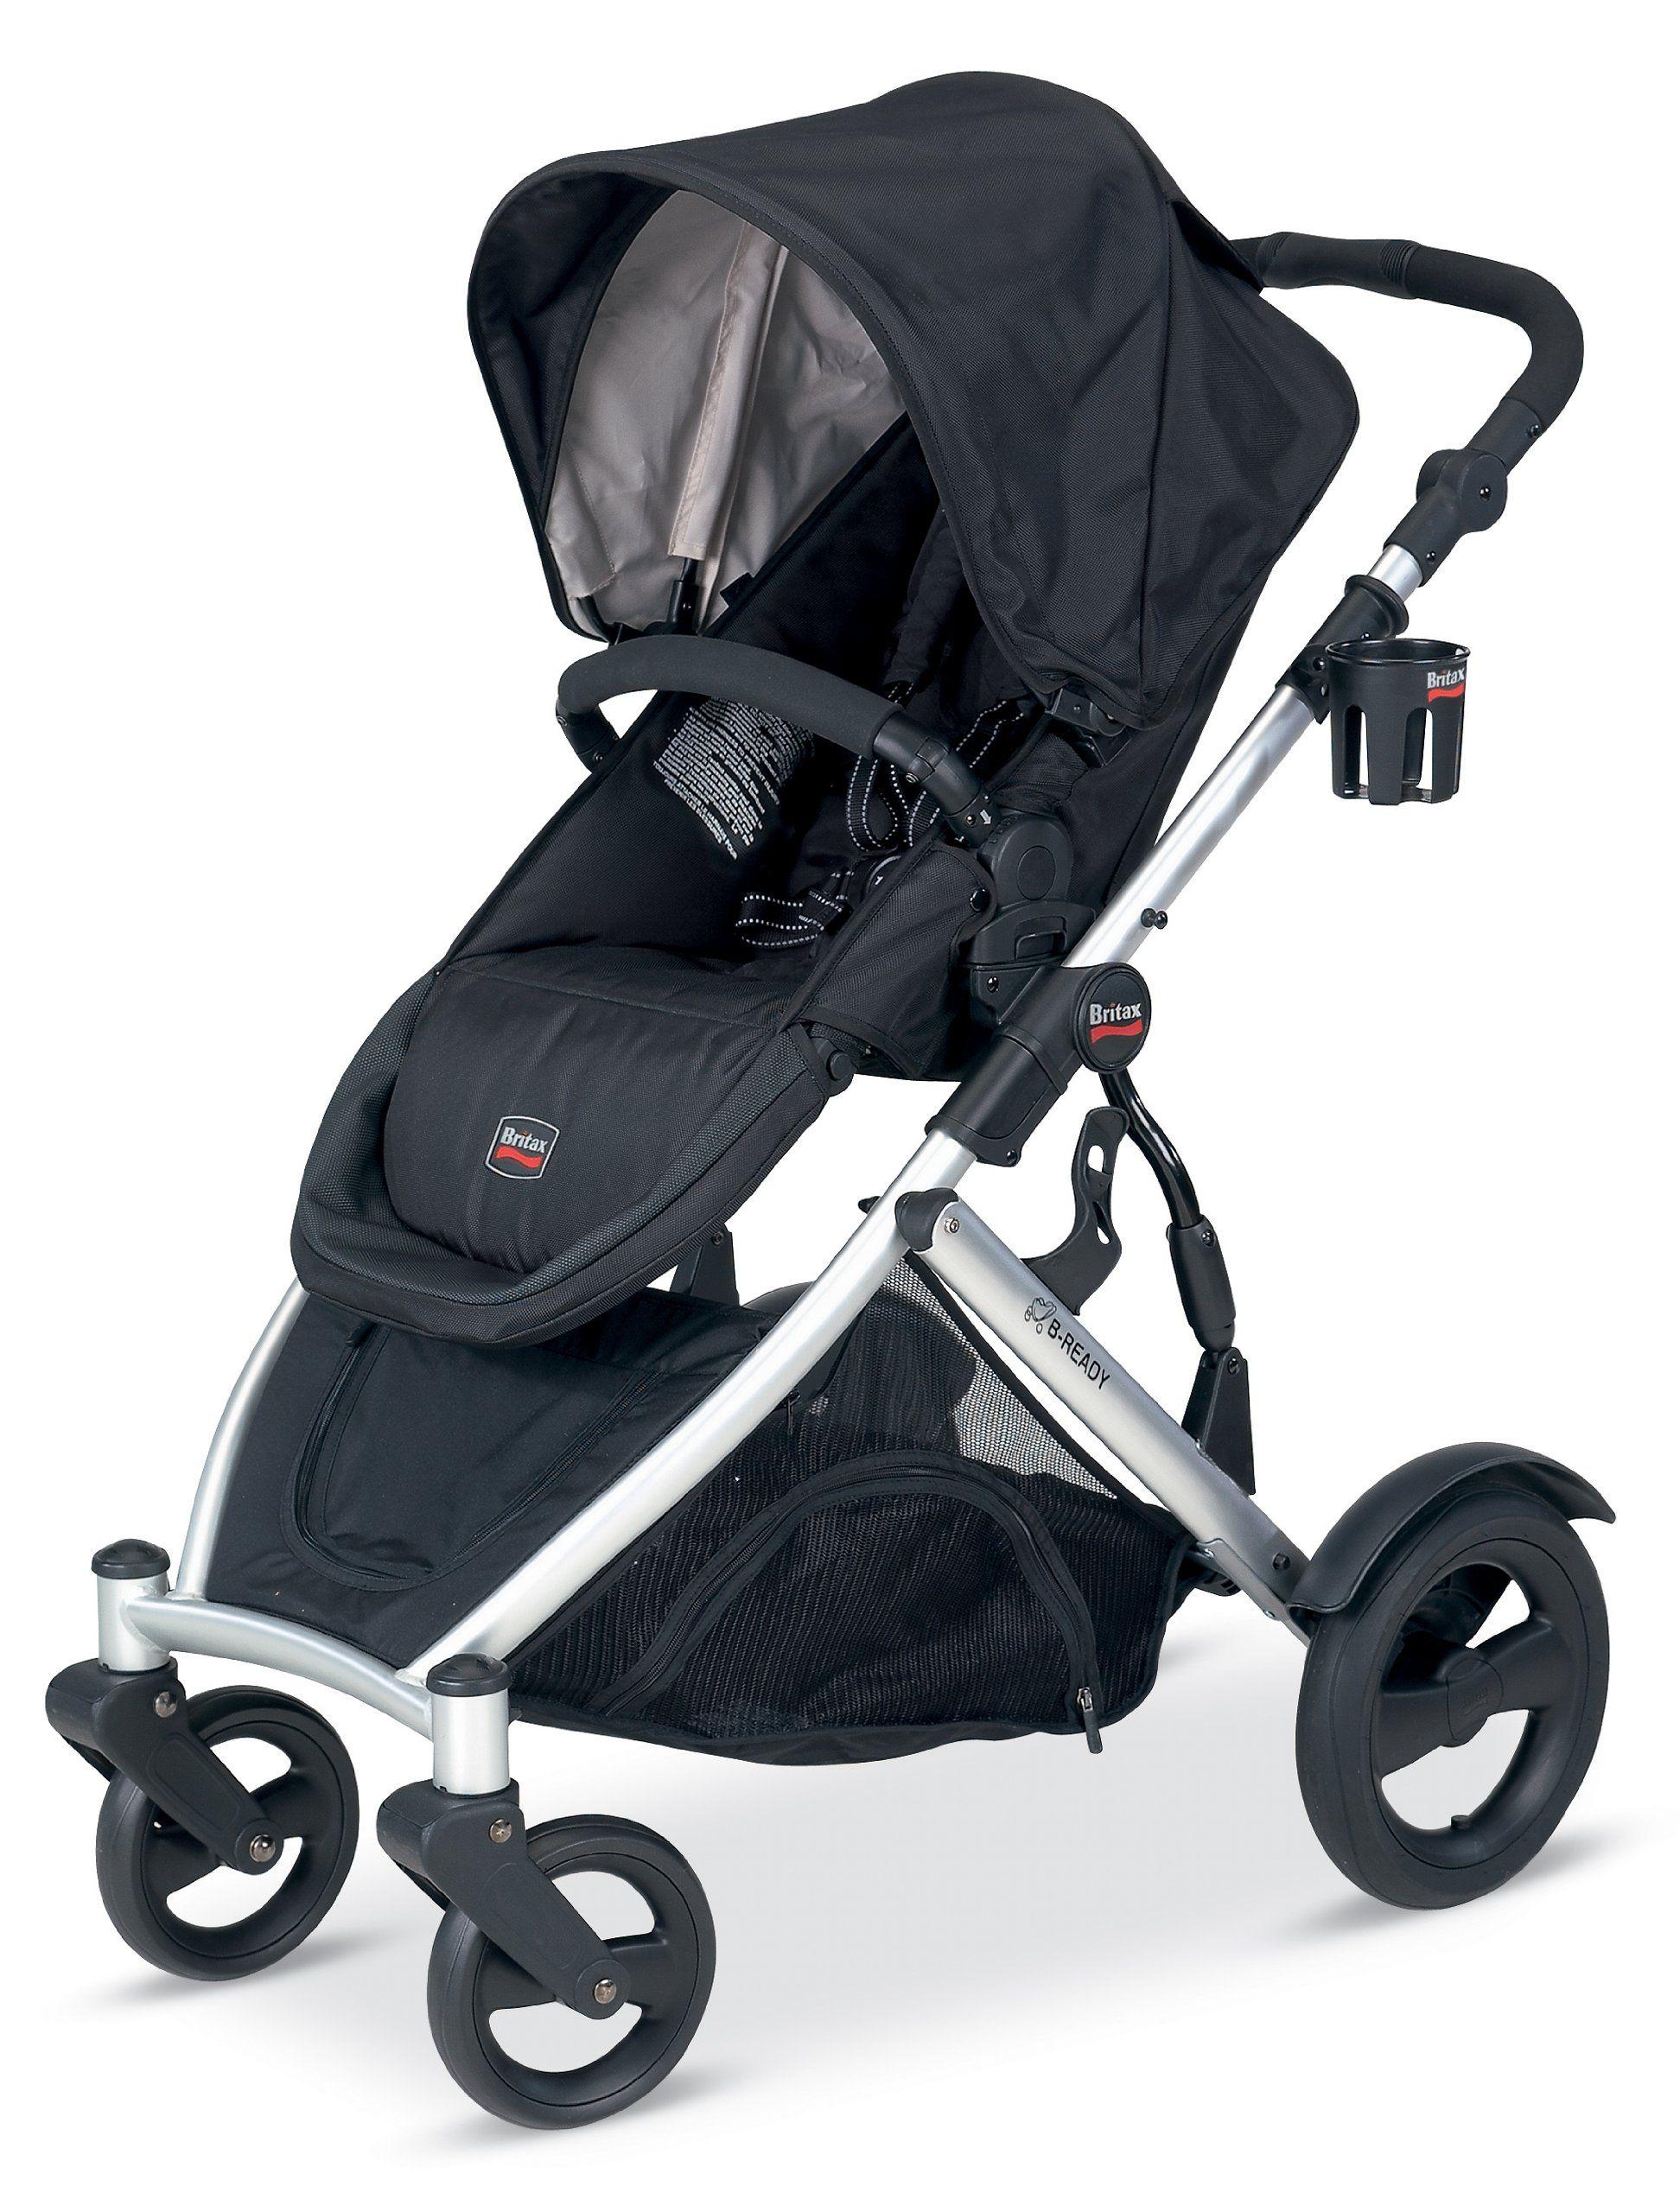 Britax BReady Stroller, Black Infant Car